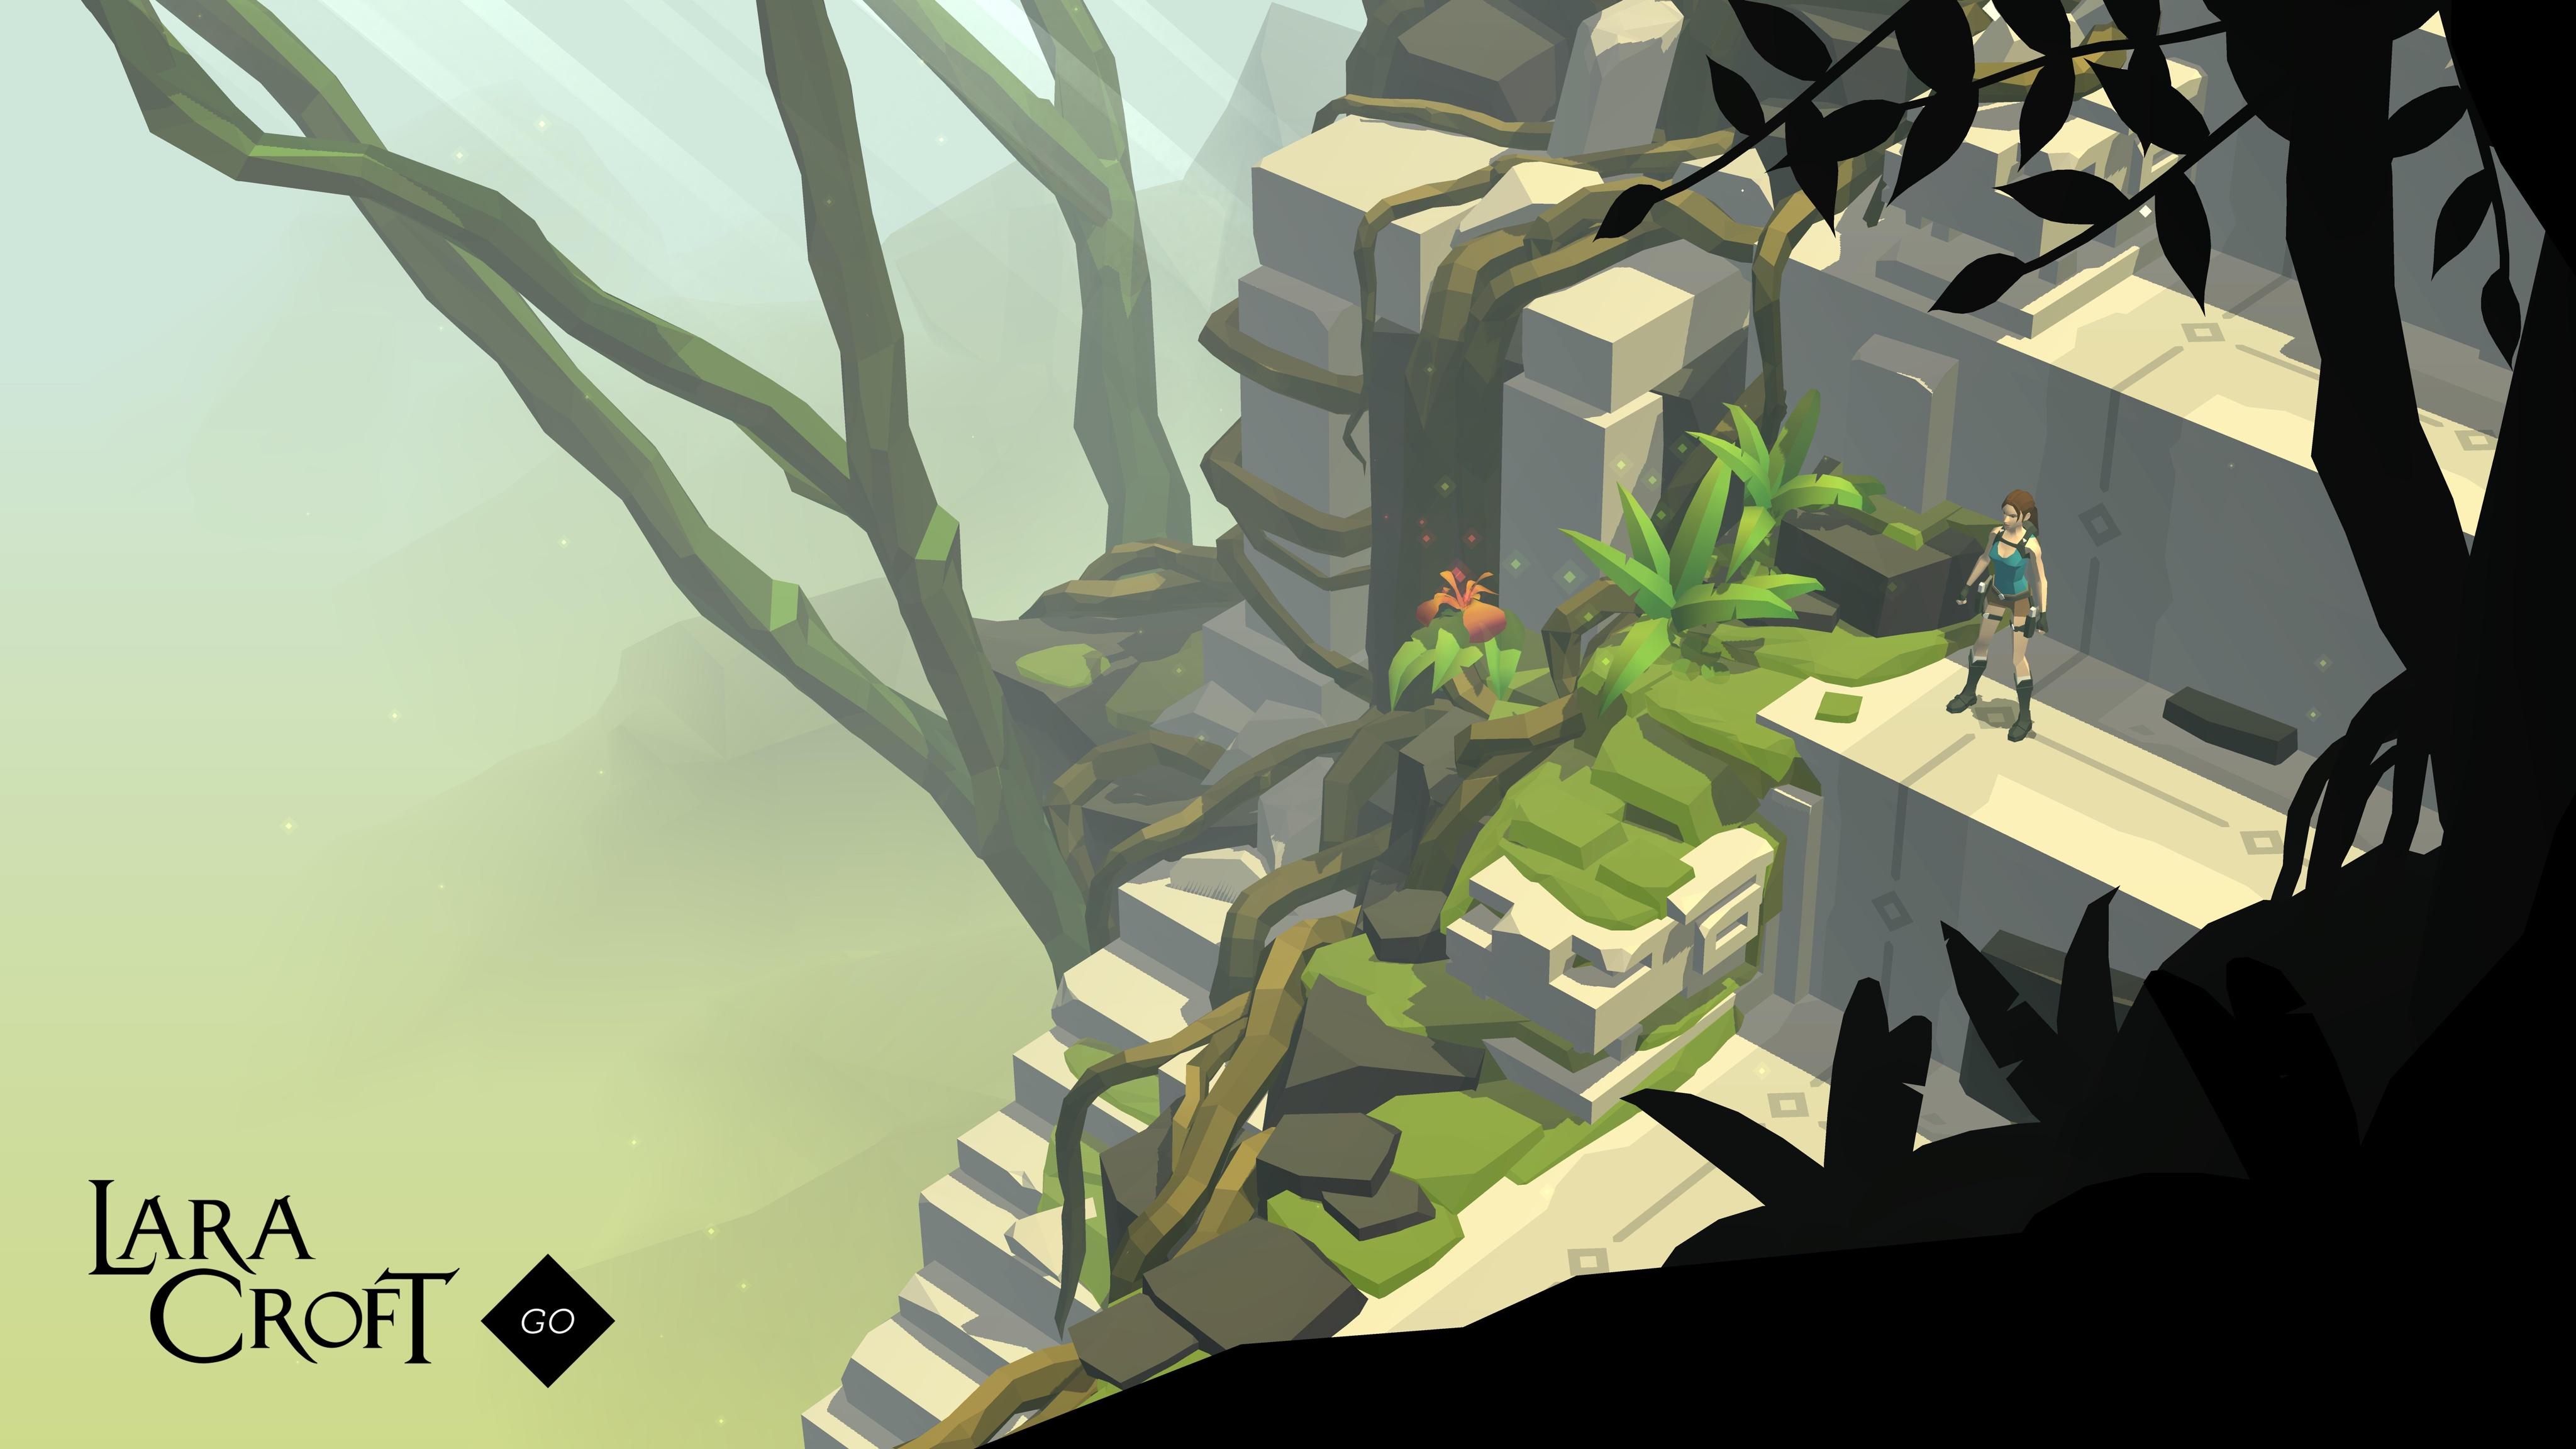 Lara Craft Go teaser 002